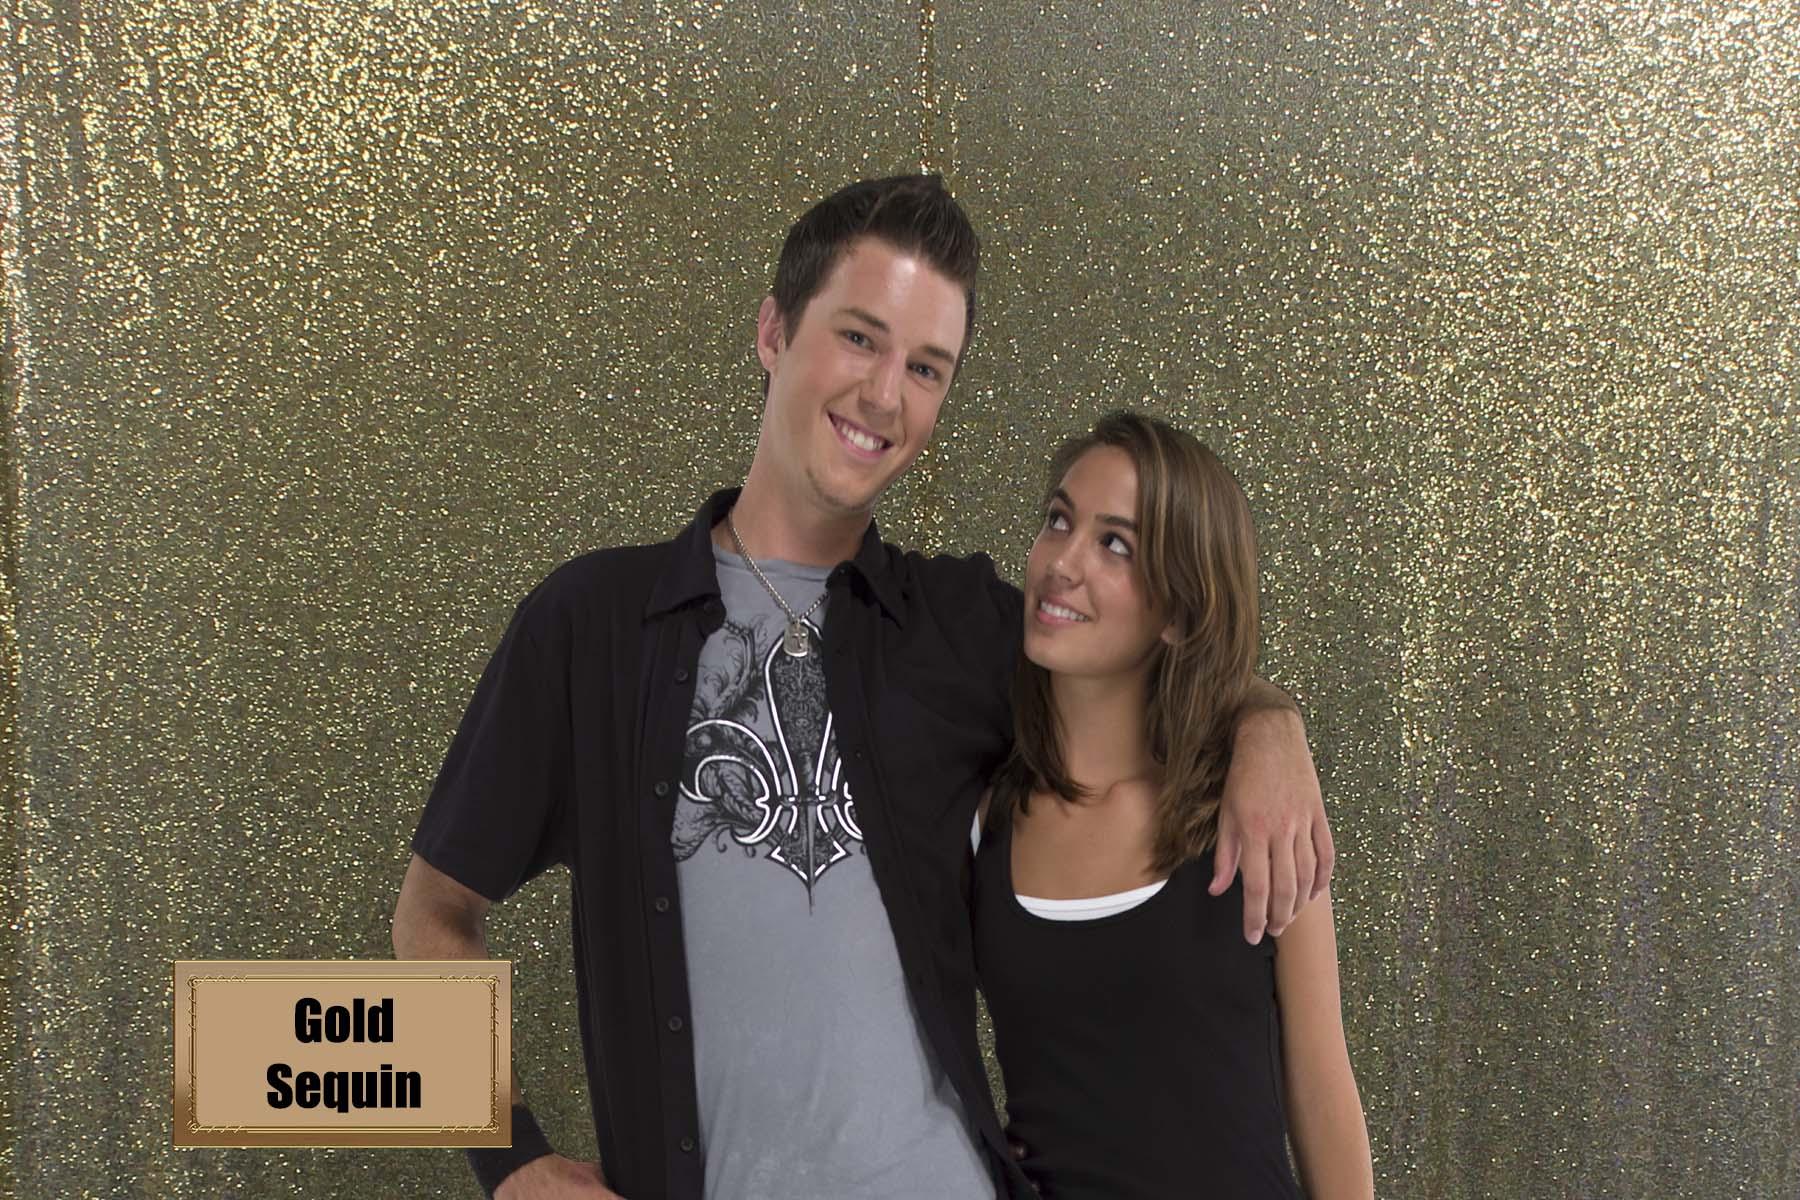 Gold Sequin.jpg